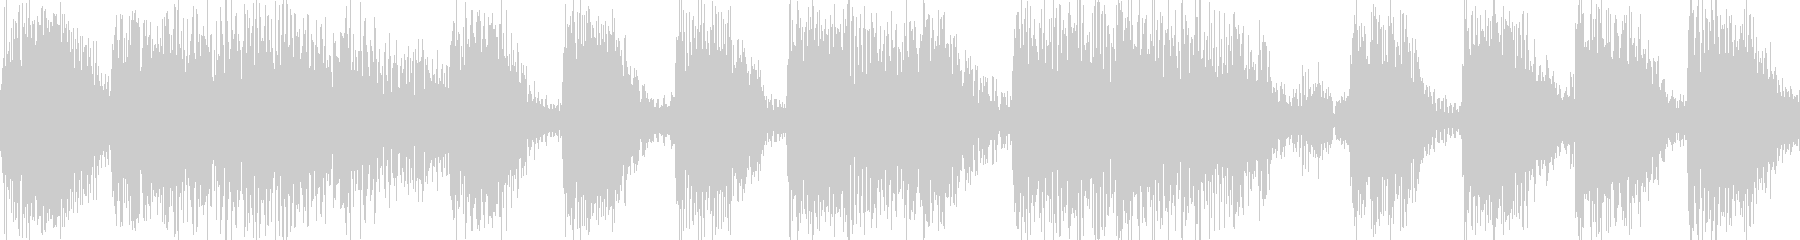 おちゃめ系 サンバ系 ジングル Loopの未再生の波形